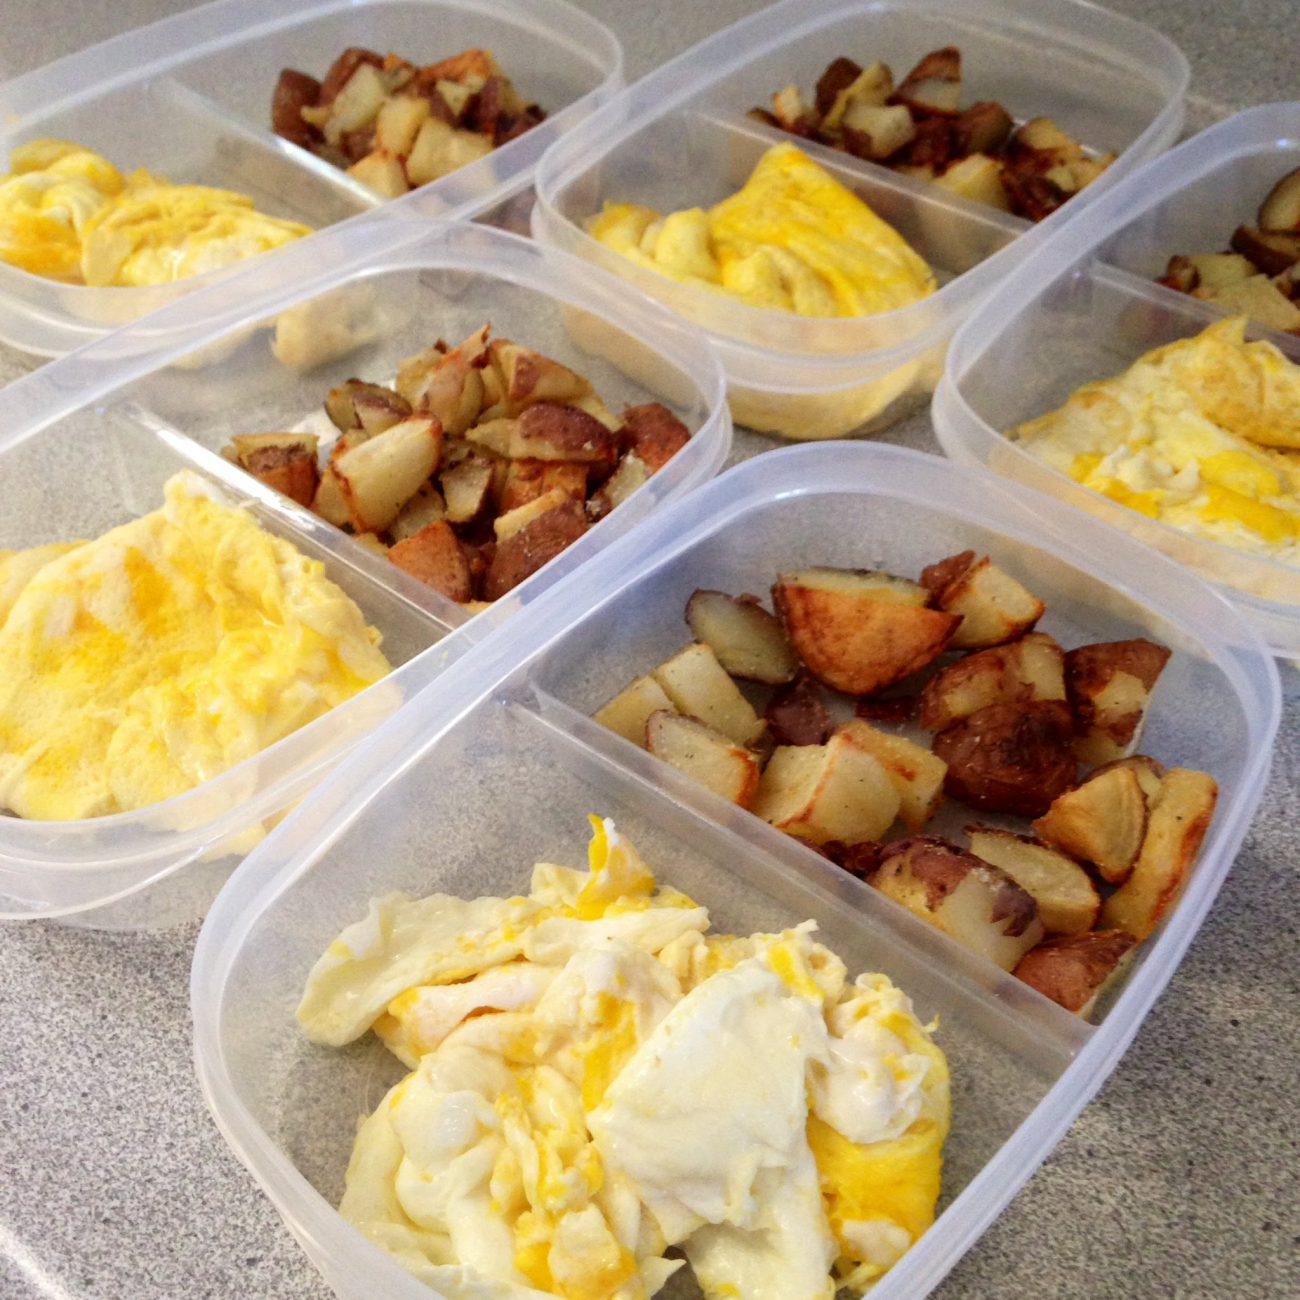 Breakfast Meal Prep